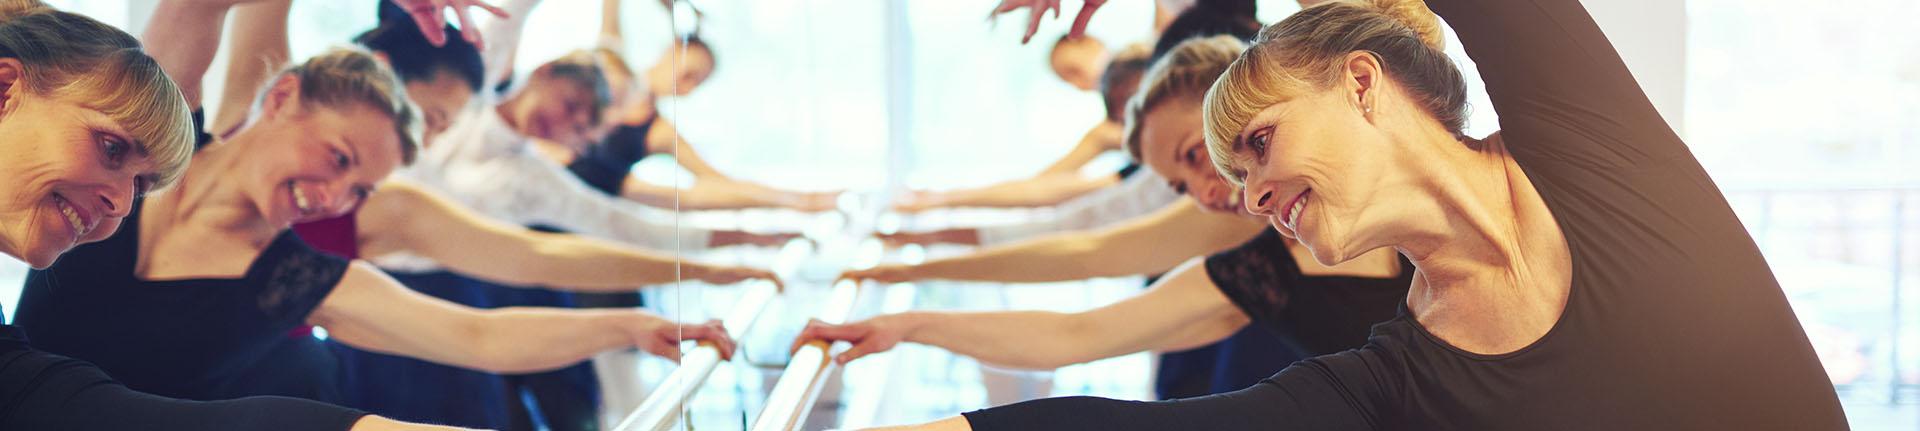 Ballet adulto: reavivando a paixão da população pela dança